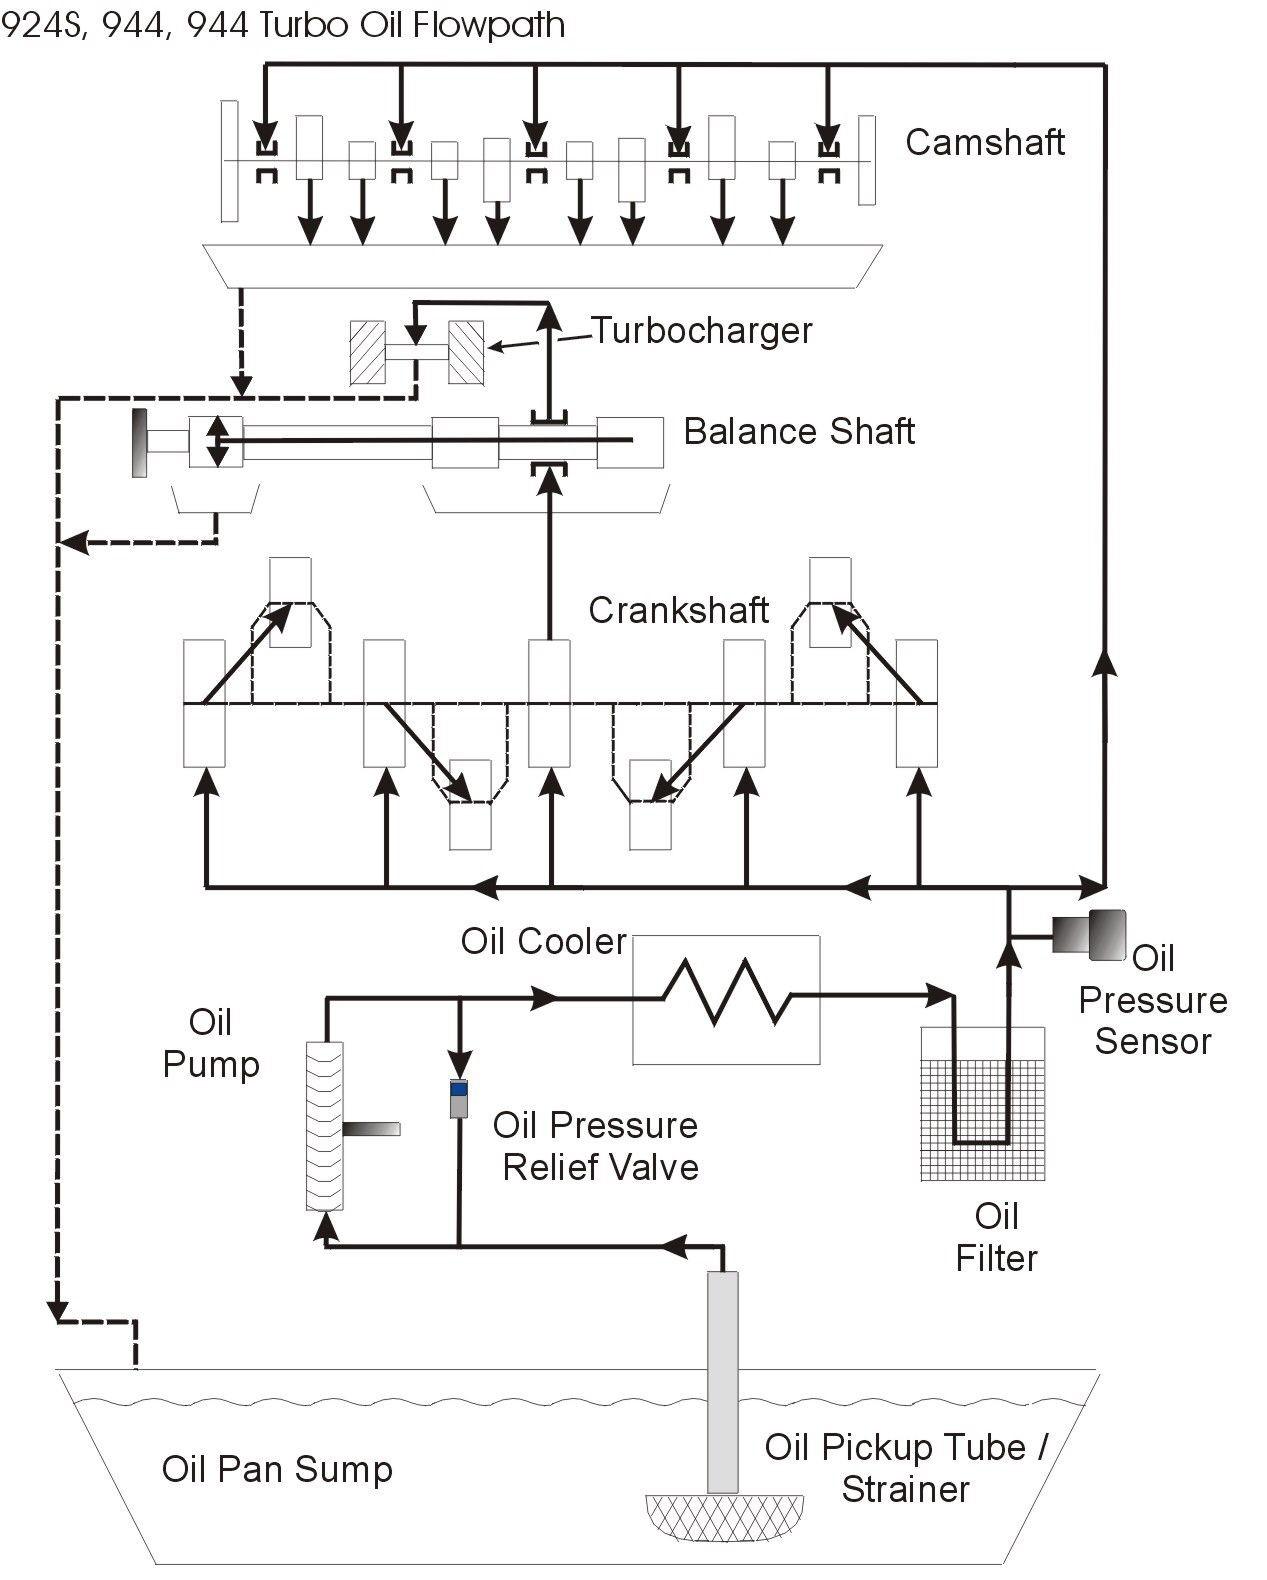 Porsche 944 Engine Bay Diagram Porsche 944 Engine Oil Flow Of Porsche 944 Engine Bay Diagram